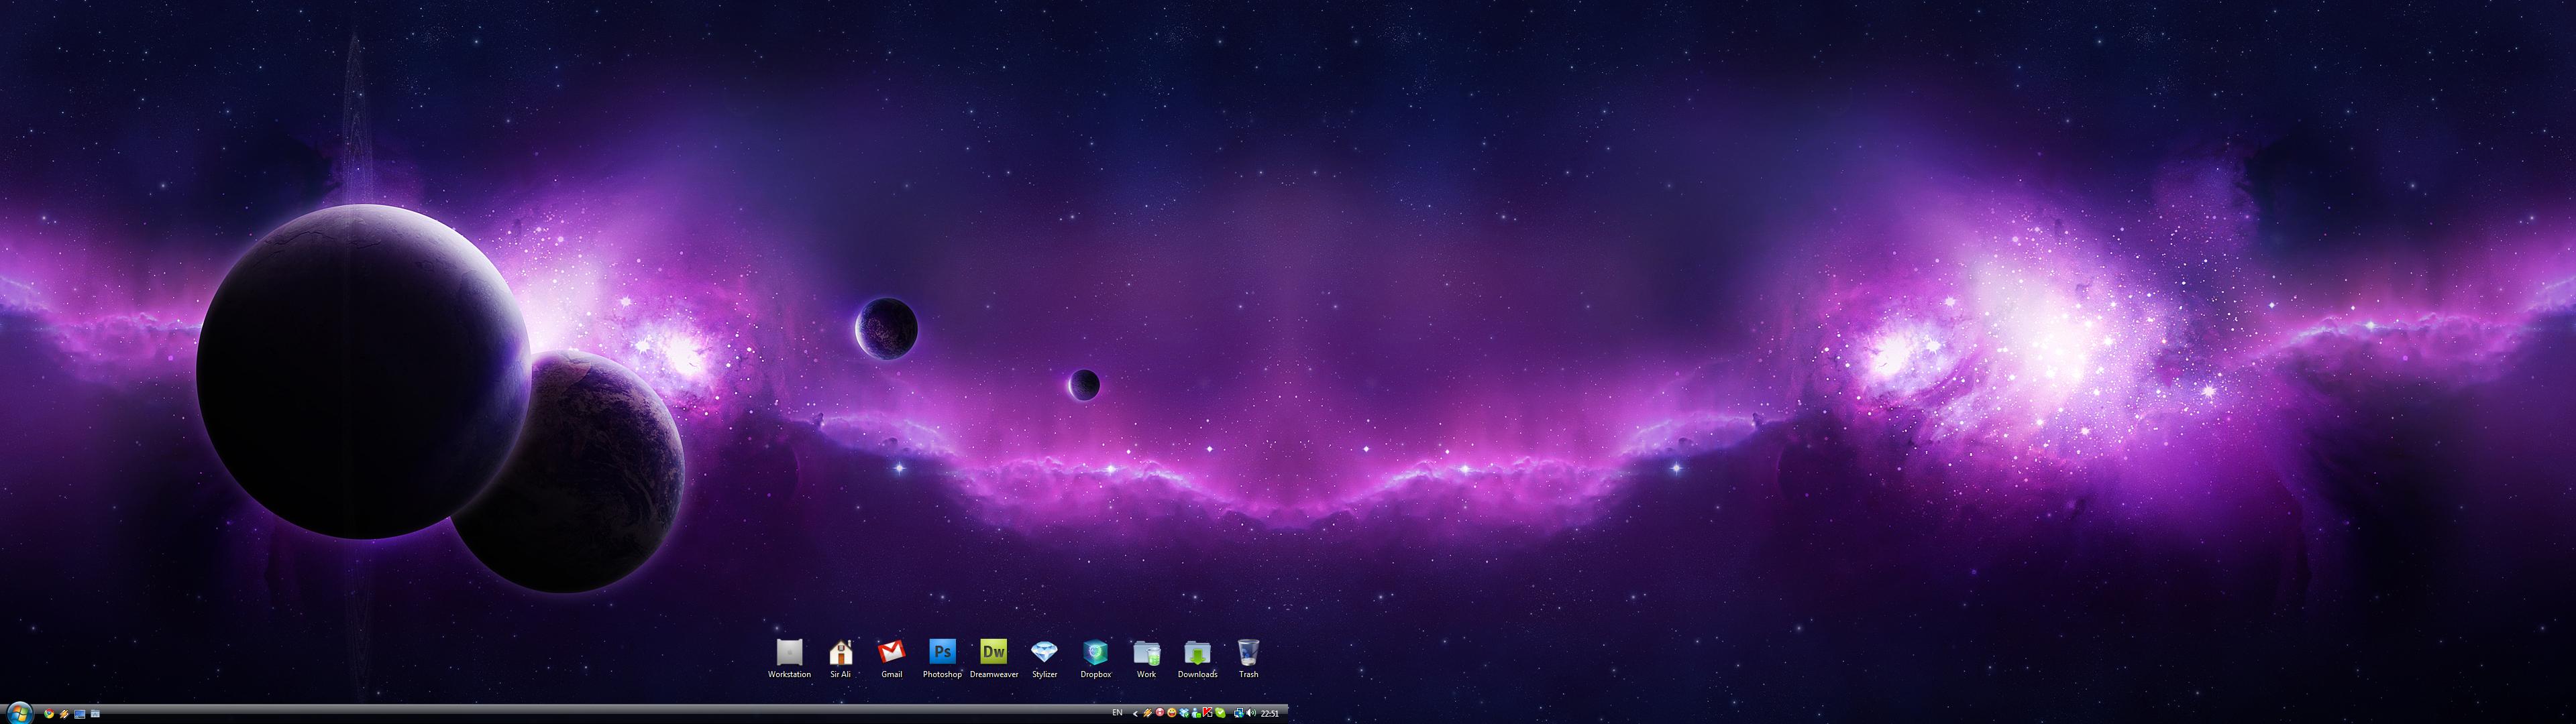 デュアルモニター壁紙紫 デュアルモニター壁紙窓7 3840x1080 3840x1080 Wallpapertip